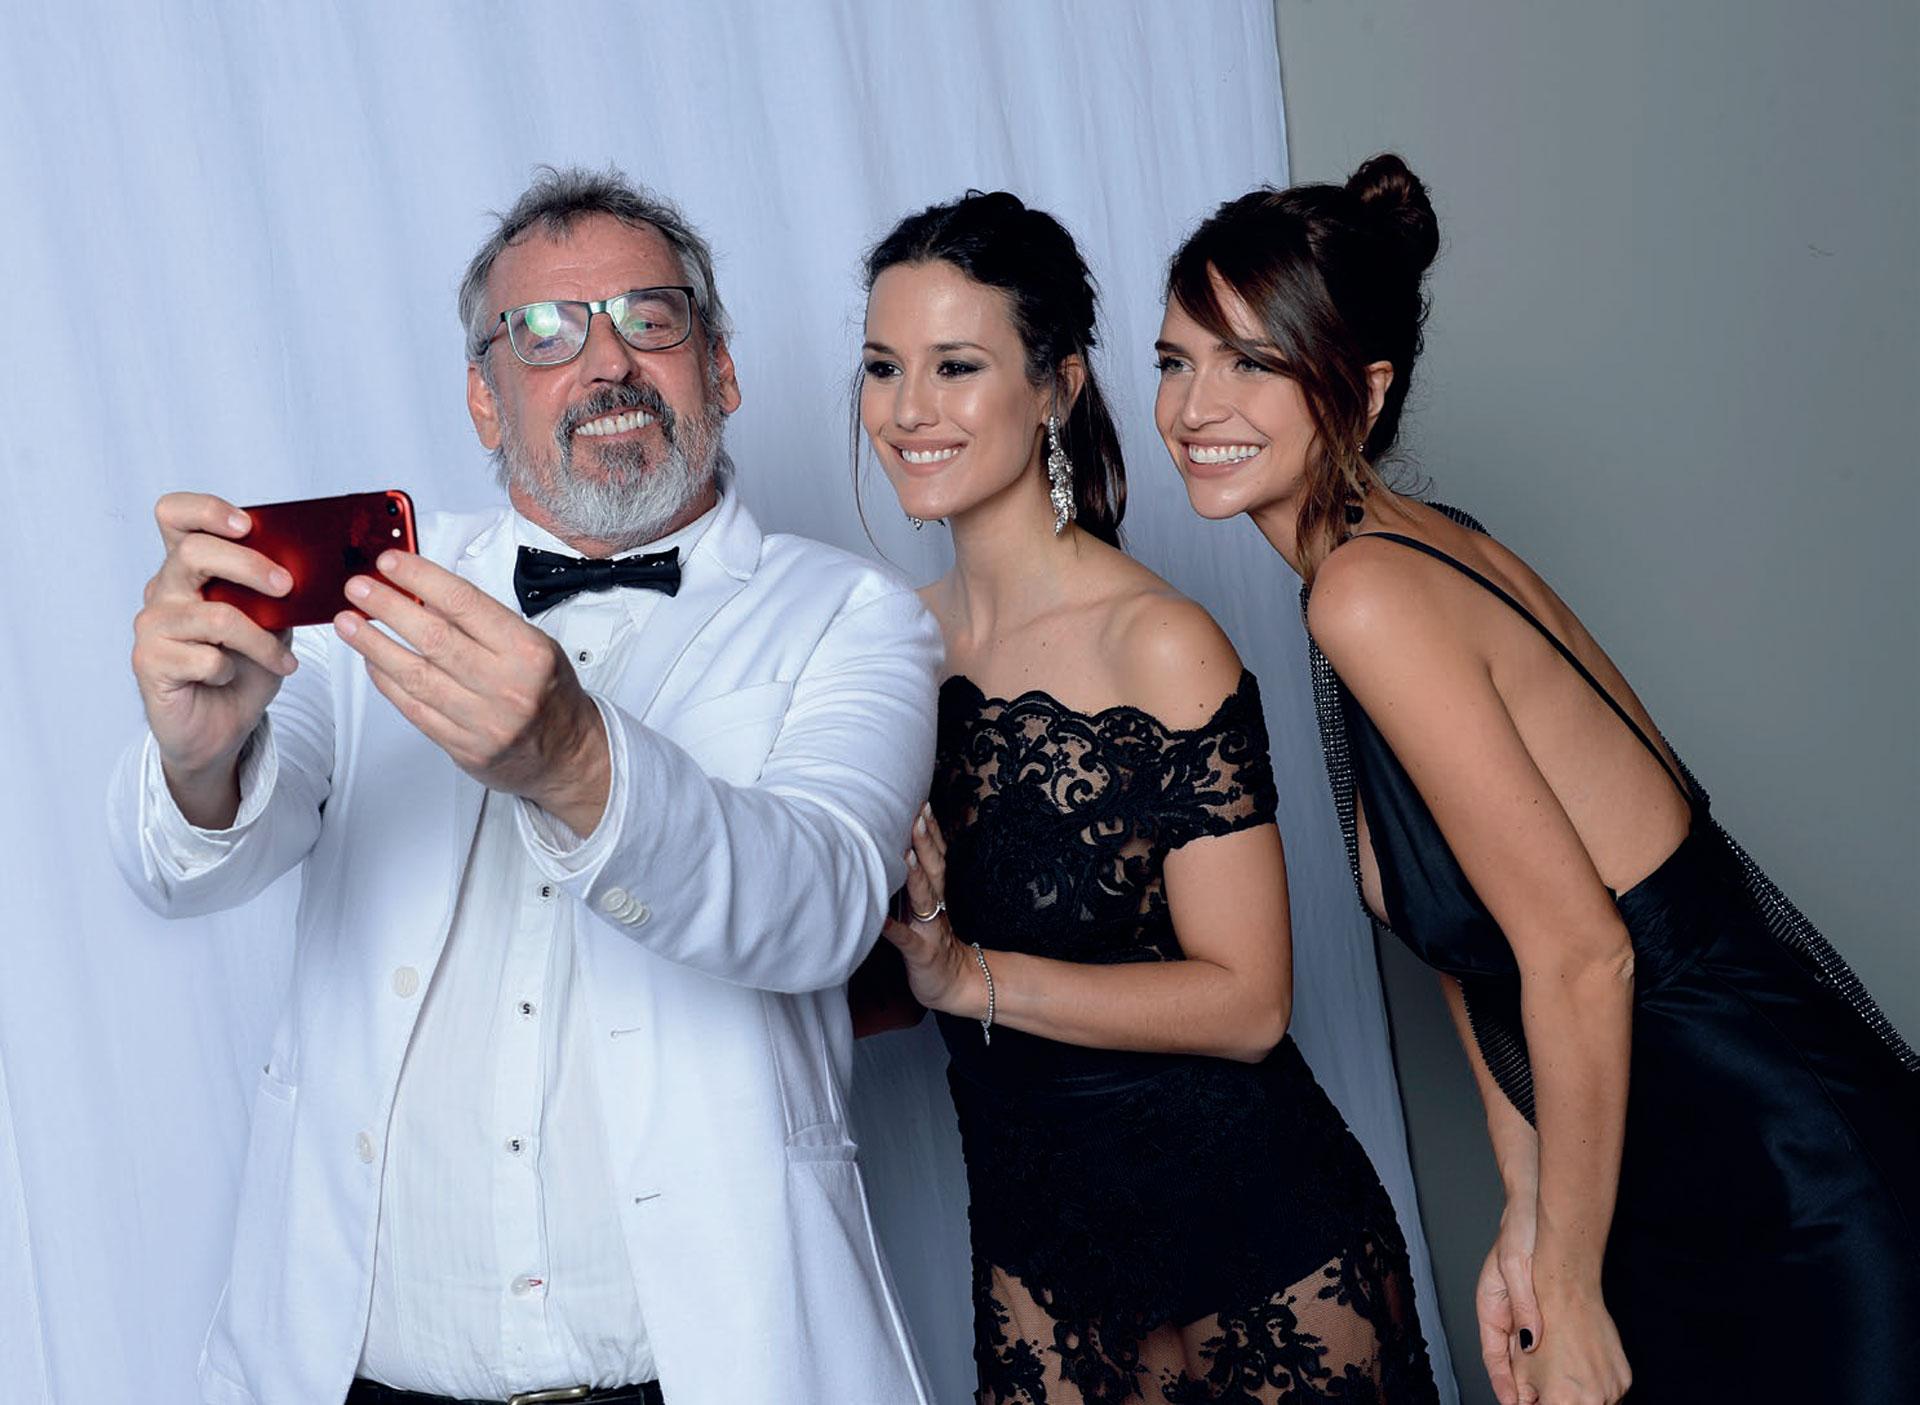 ¡Benito tú eres! Fernández se fotografió con dos diosas Multitalent: Luli Fe rnández y Zaira.